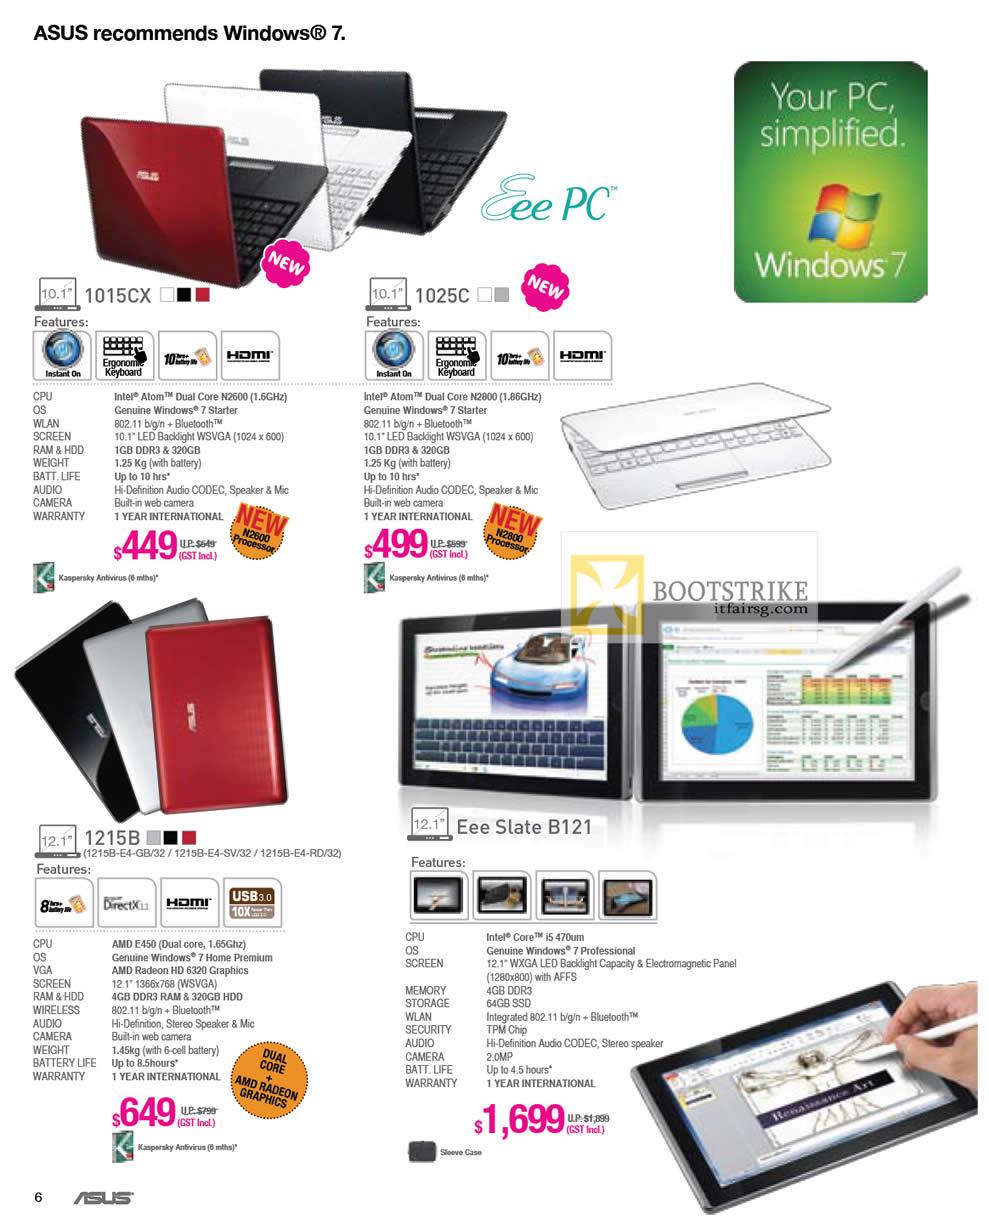 IT SHOW 2012 price list image brochure of ASUS Notebooks Eee PC 1015CX Netbook, 1025C, 1215B, Eee Slate B121